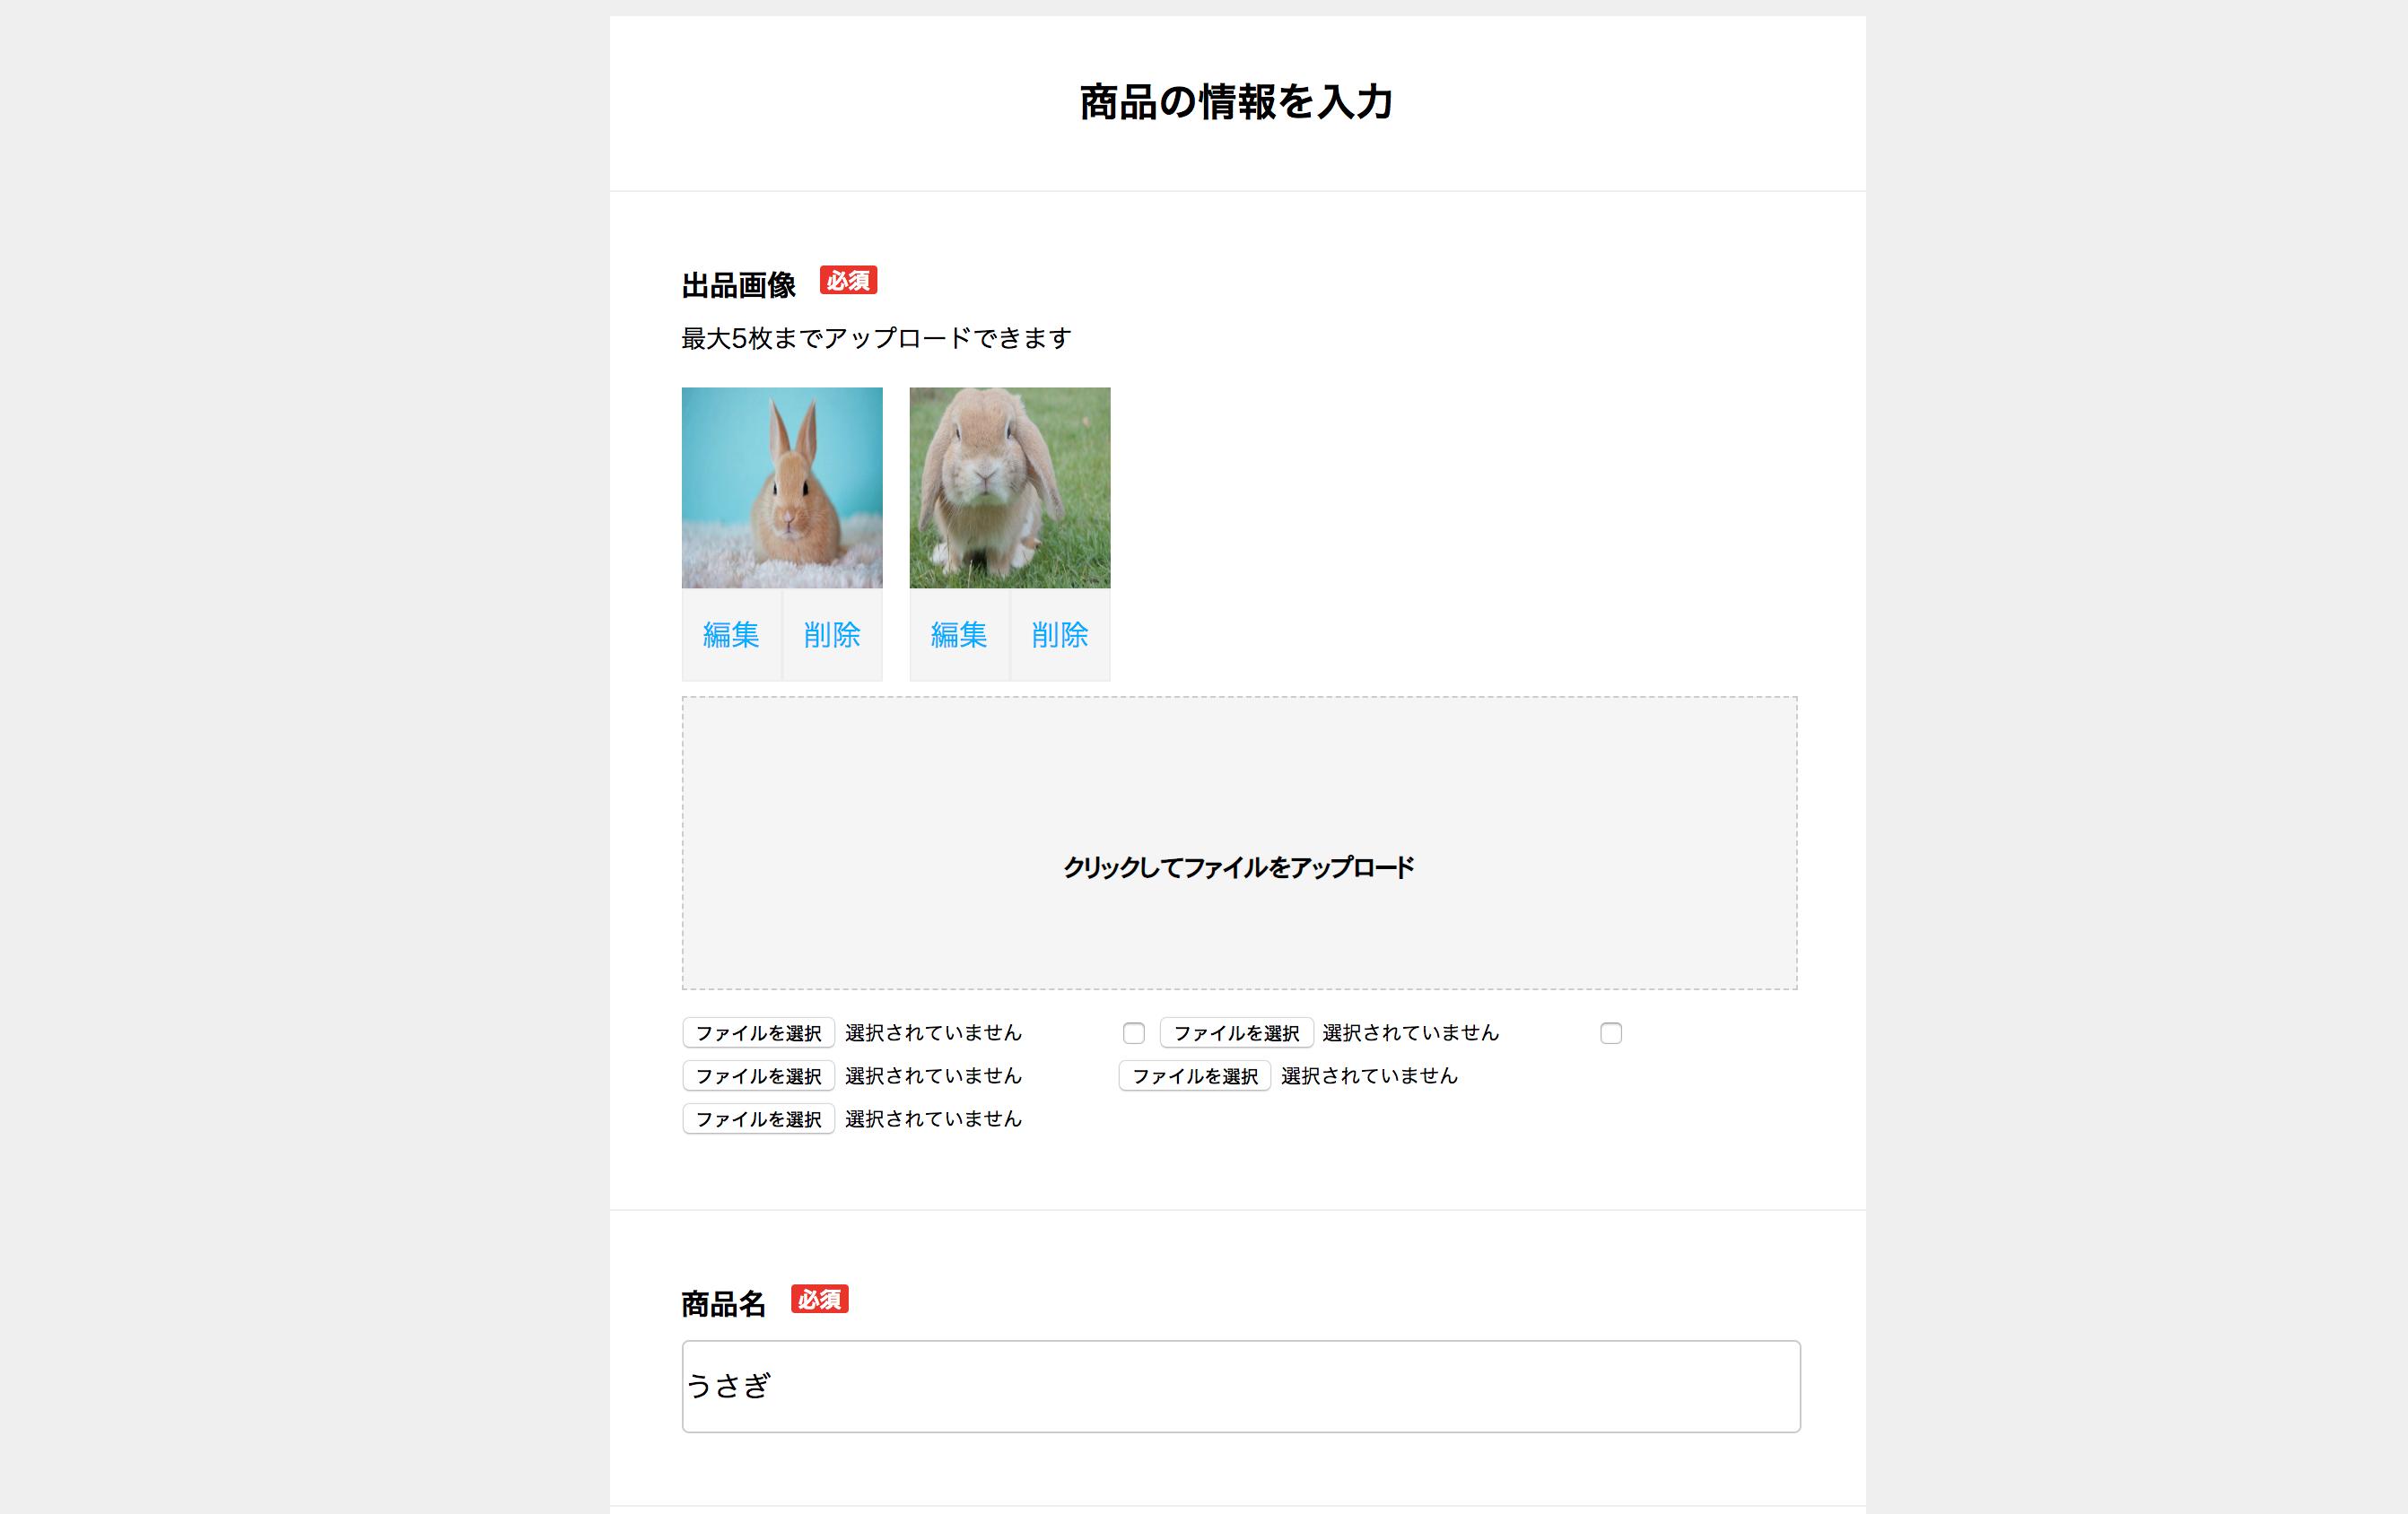 スクリーンショット 2020-01-15 1.46.53.png